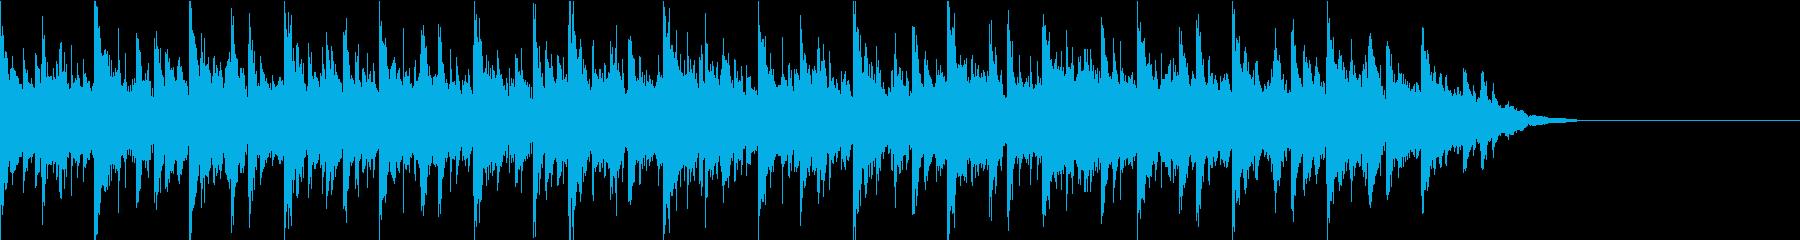 ゆったりしたオシャレなBGMです。の再生済みの波形